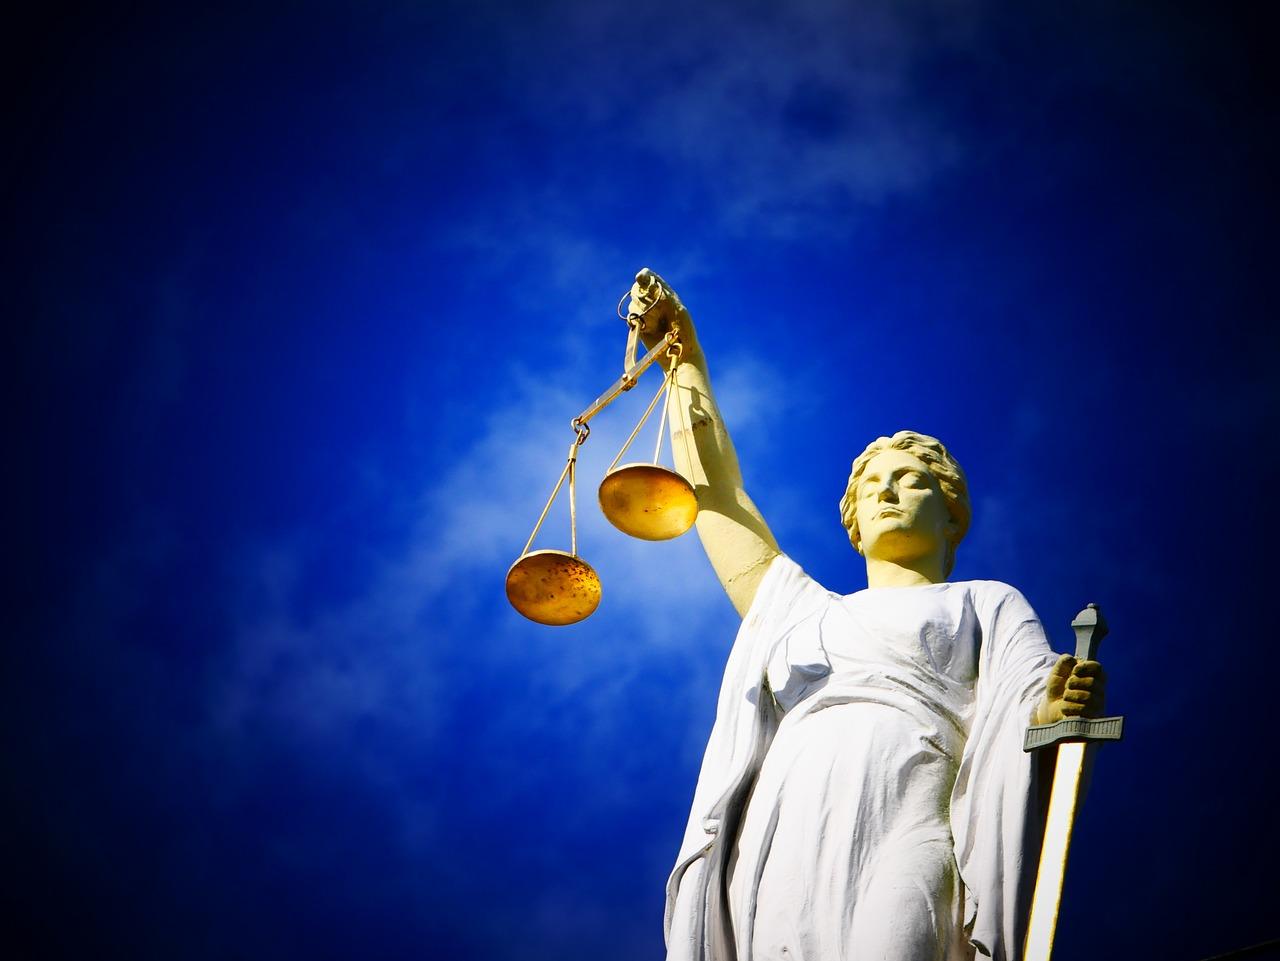 Nieznajomość prawa szkodzi – porady prawne przez internet. Gdzie najlepsze doradztwo prawne online